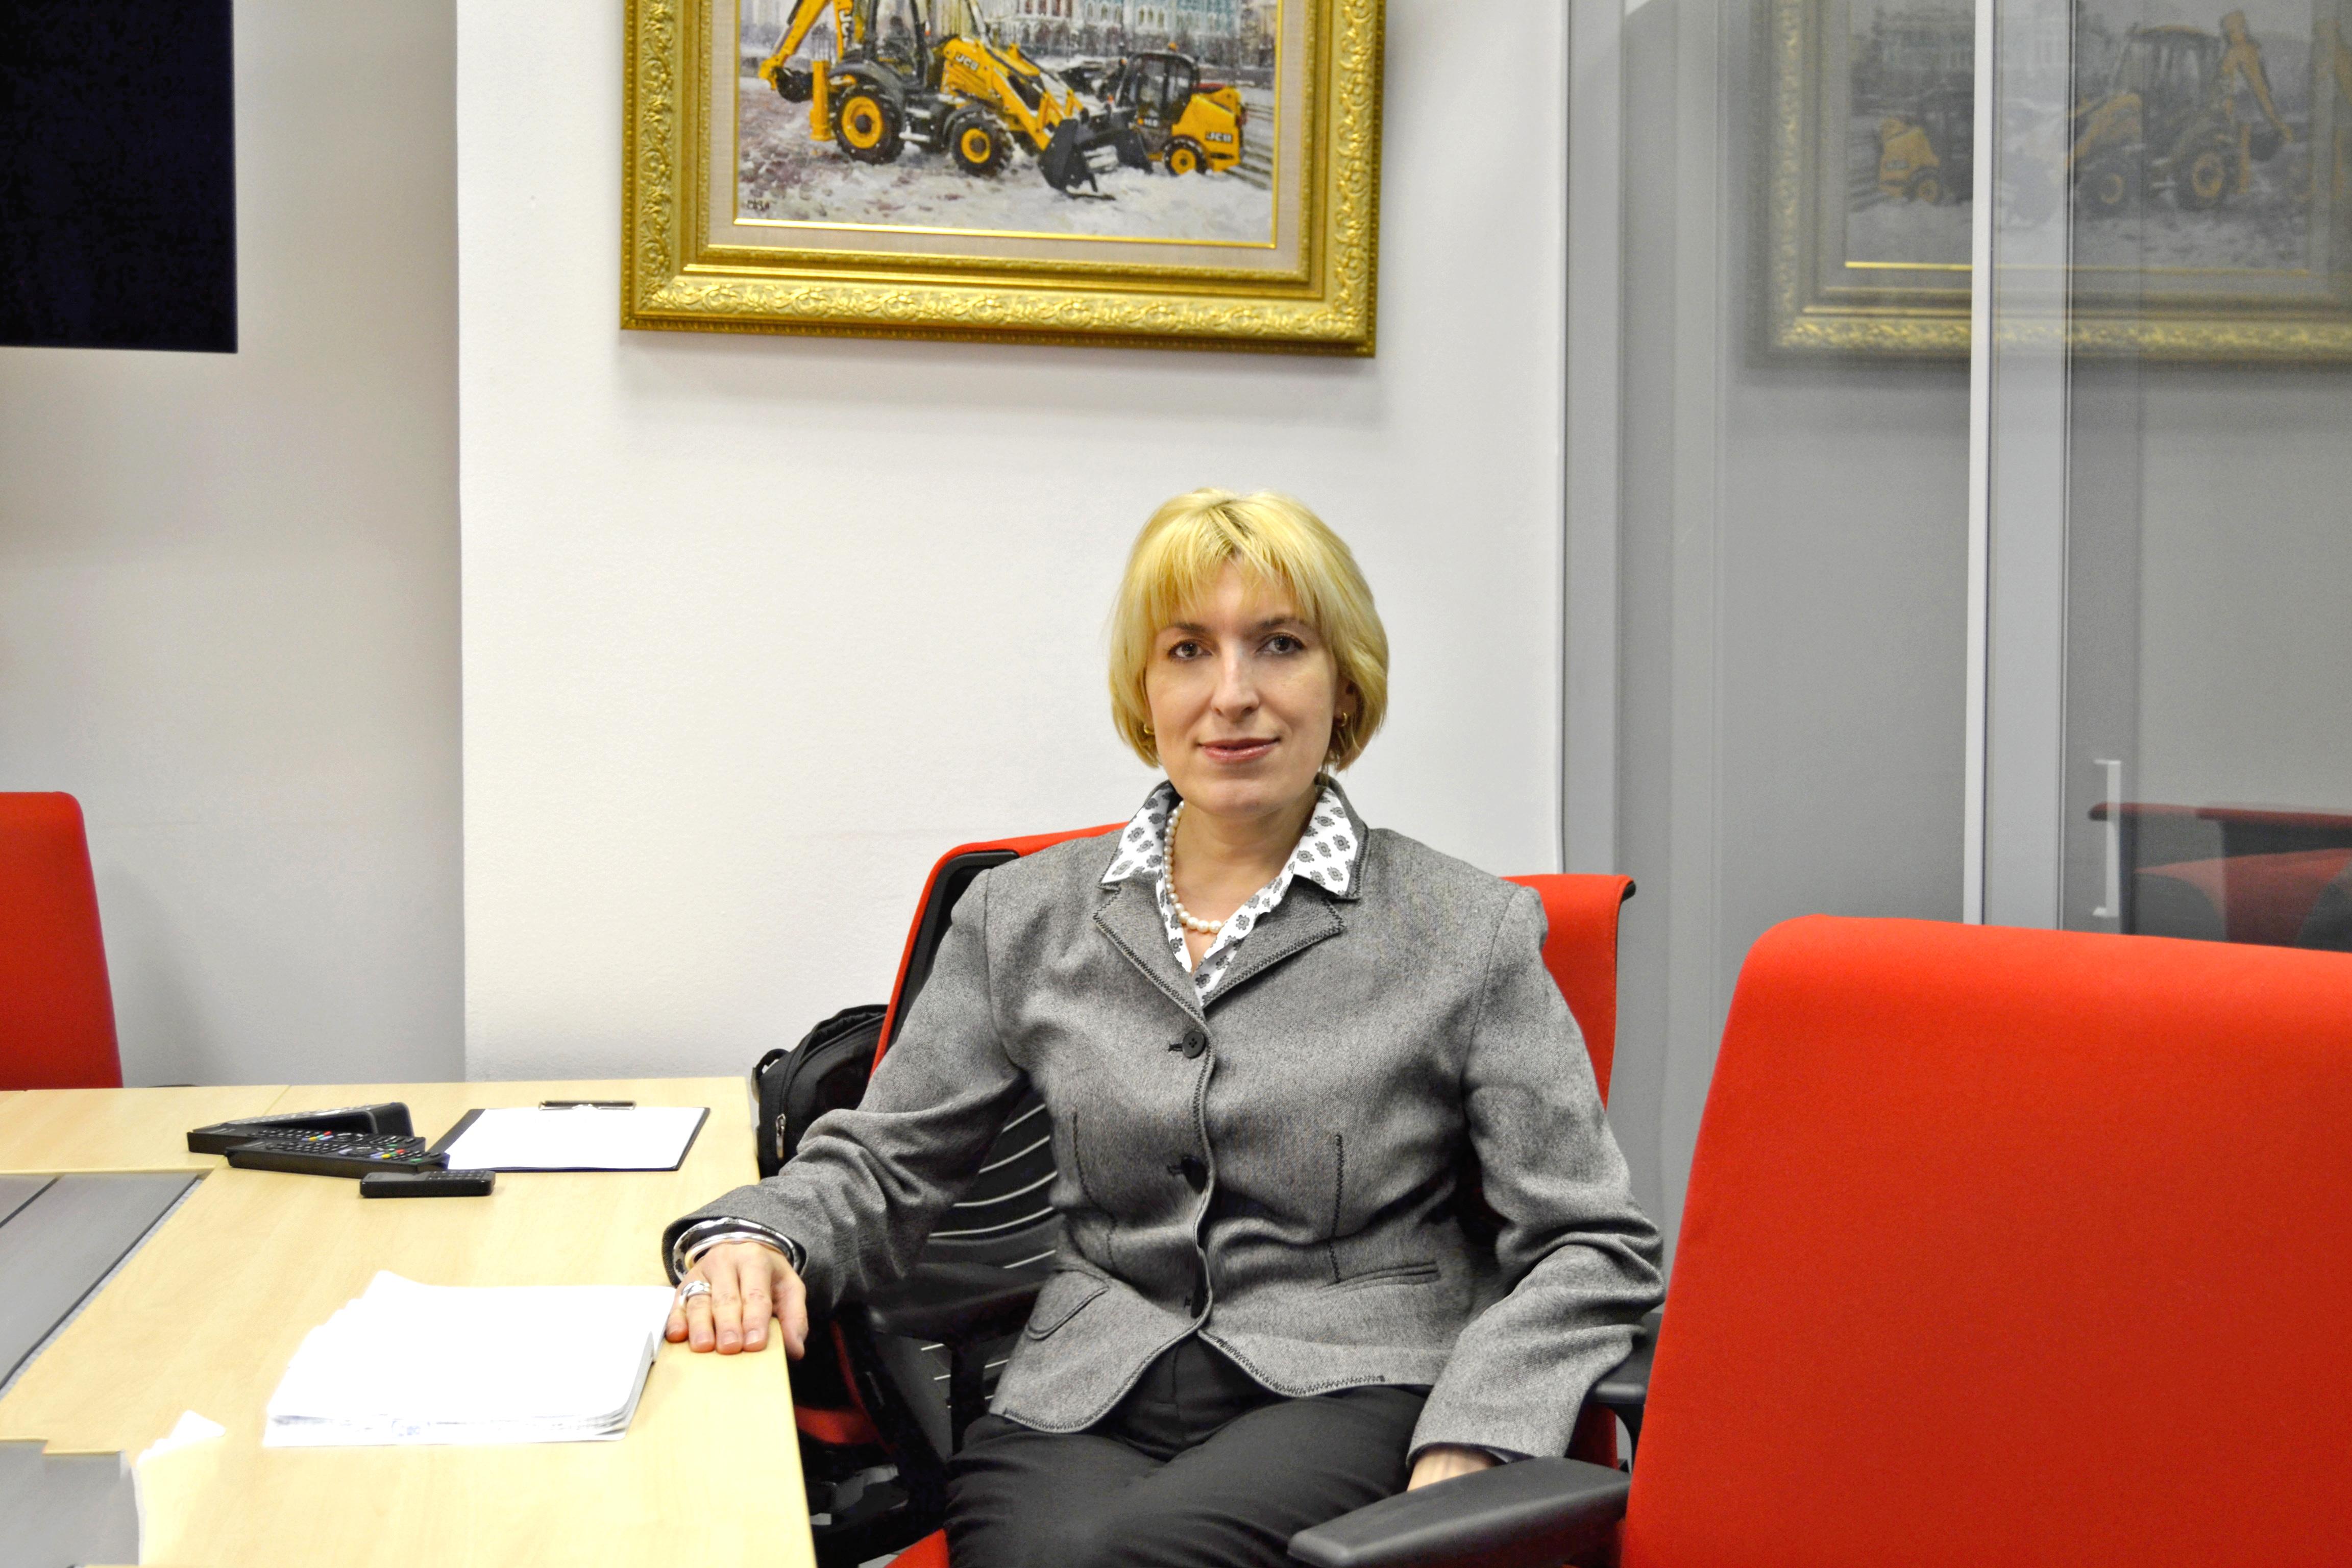 Оксана Евтушевская, руководитель JCB Finance России и СНГ